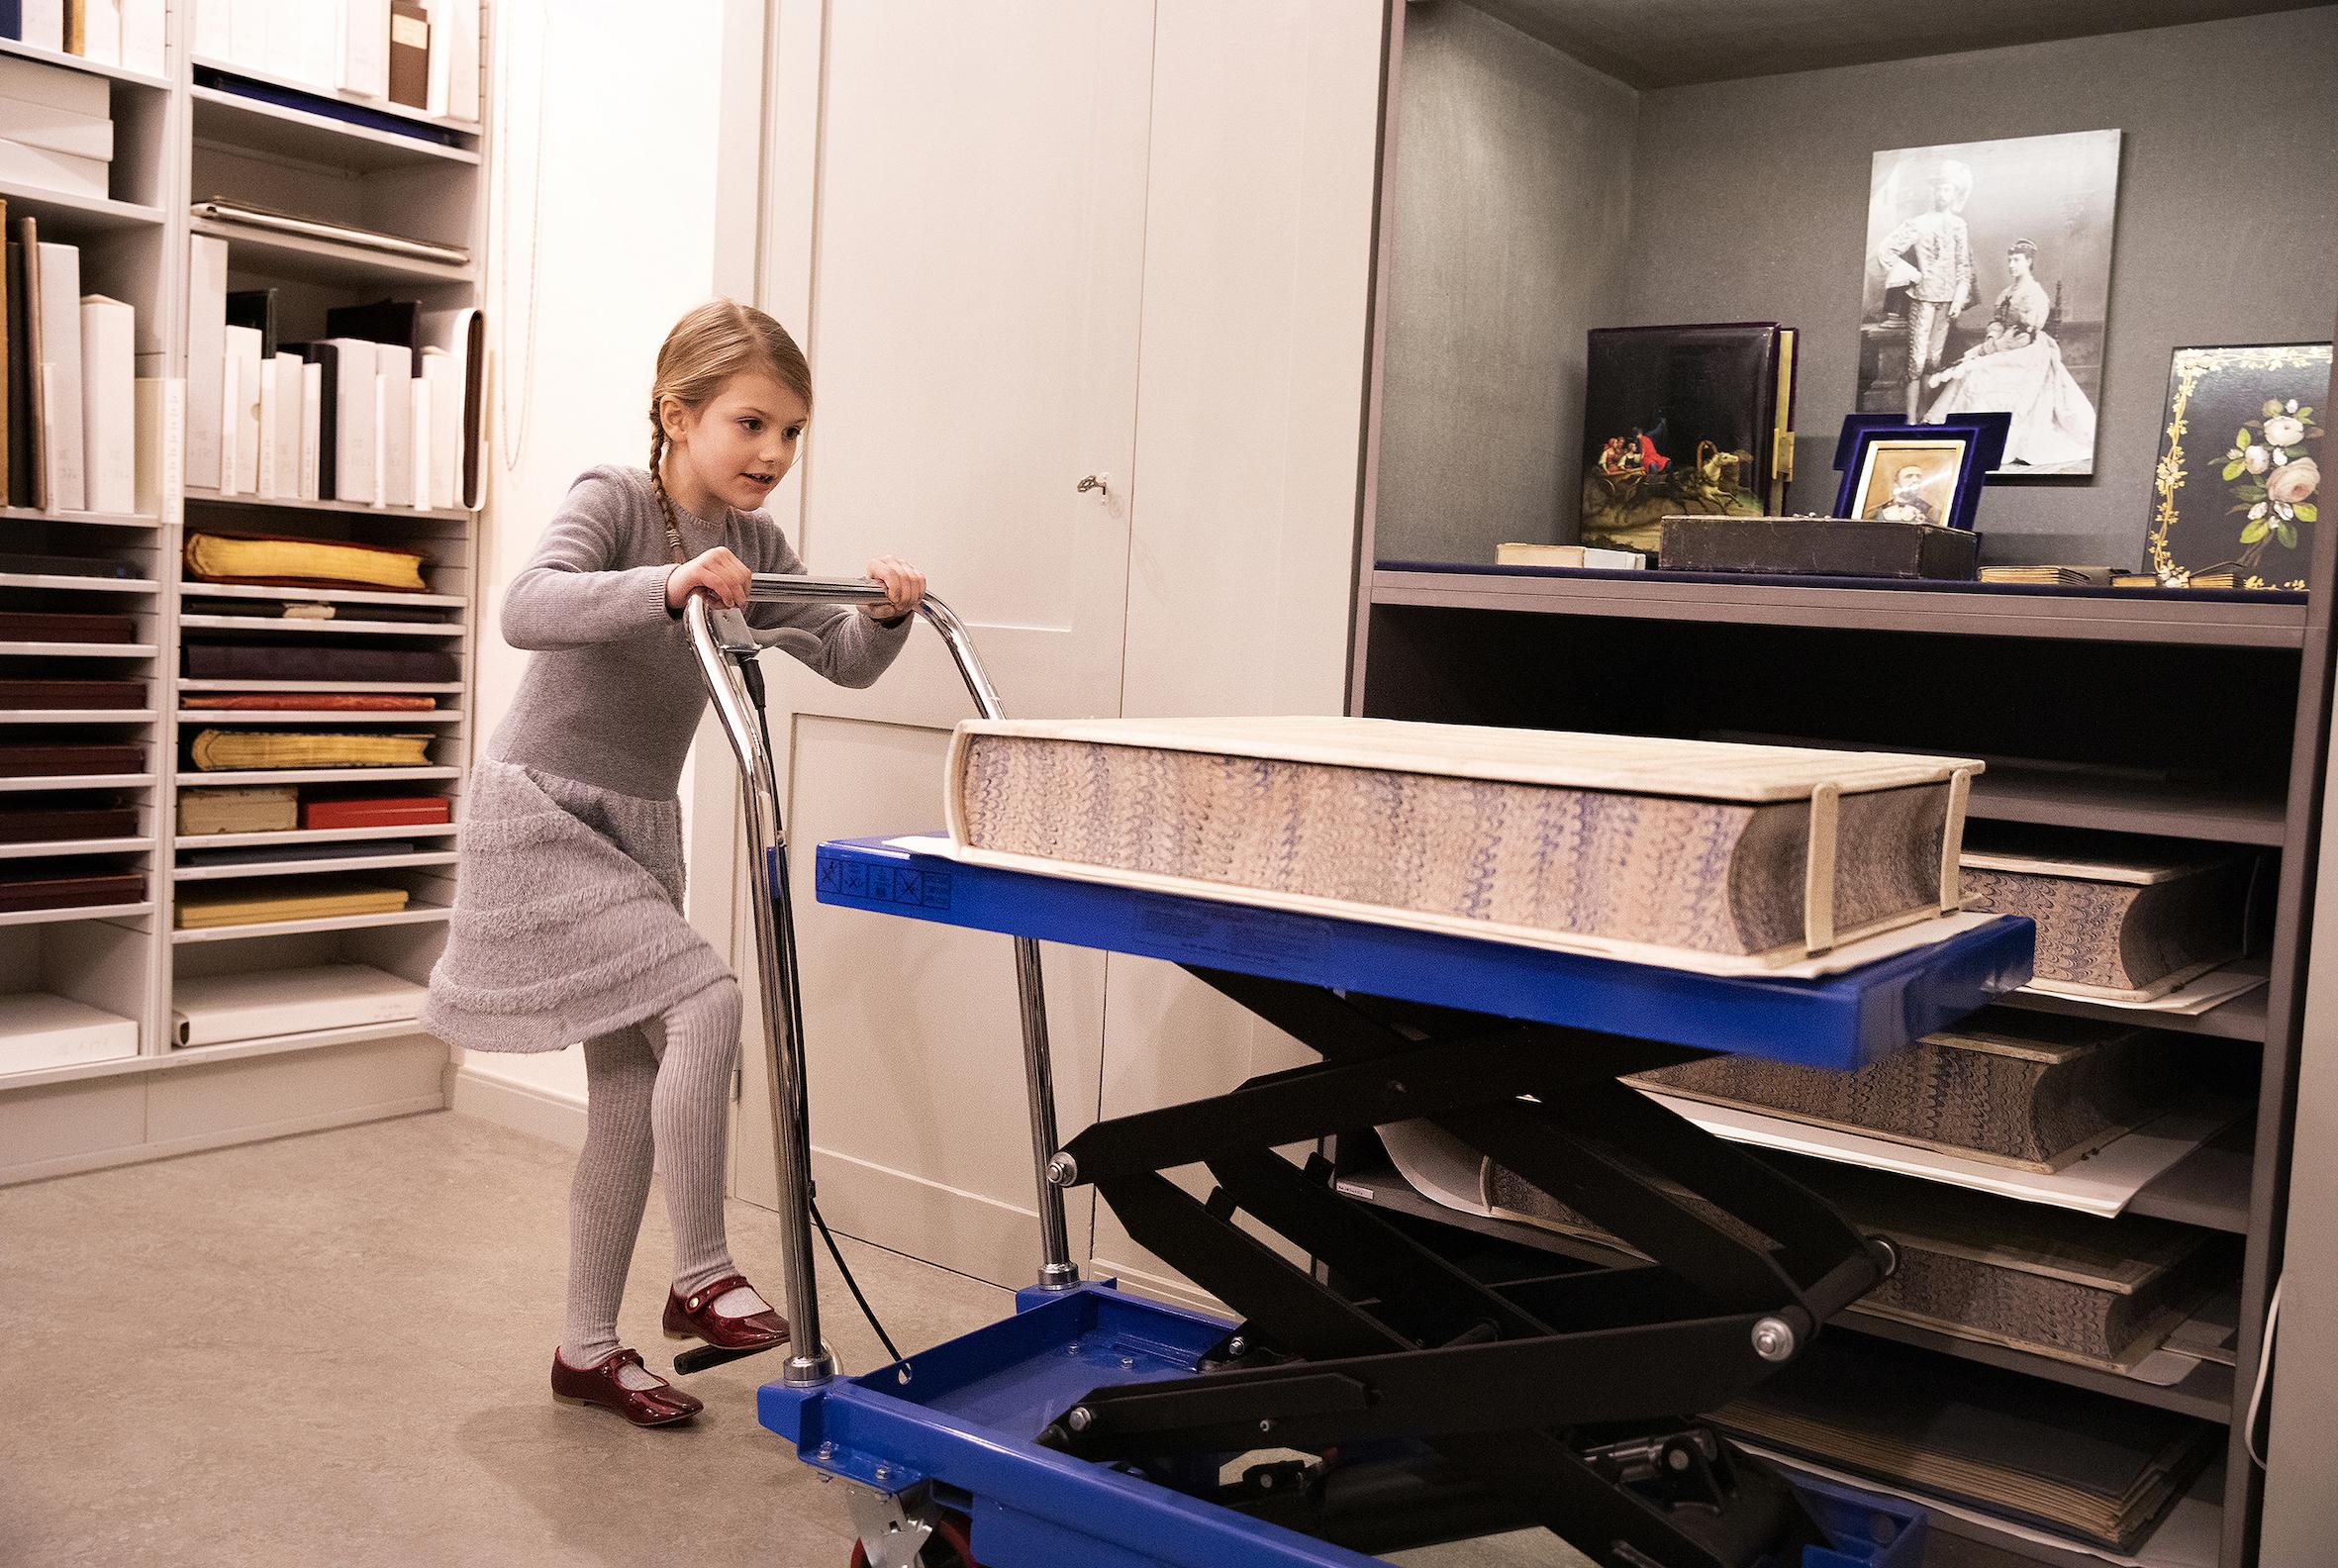 Die Schülerin transportiert ein Buch mit einem Wagen, was ihr sichtlich Spaß bringt.  ©Sara Friberg, Kungl. Royal Court